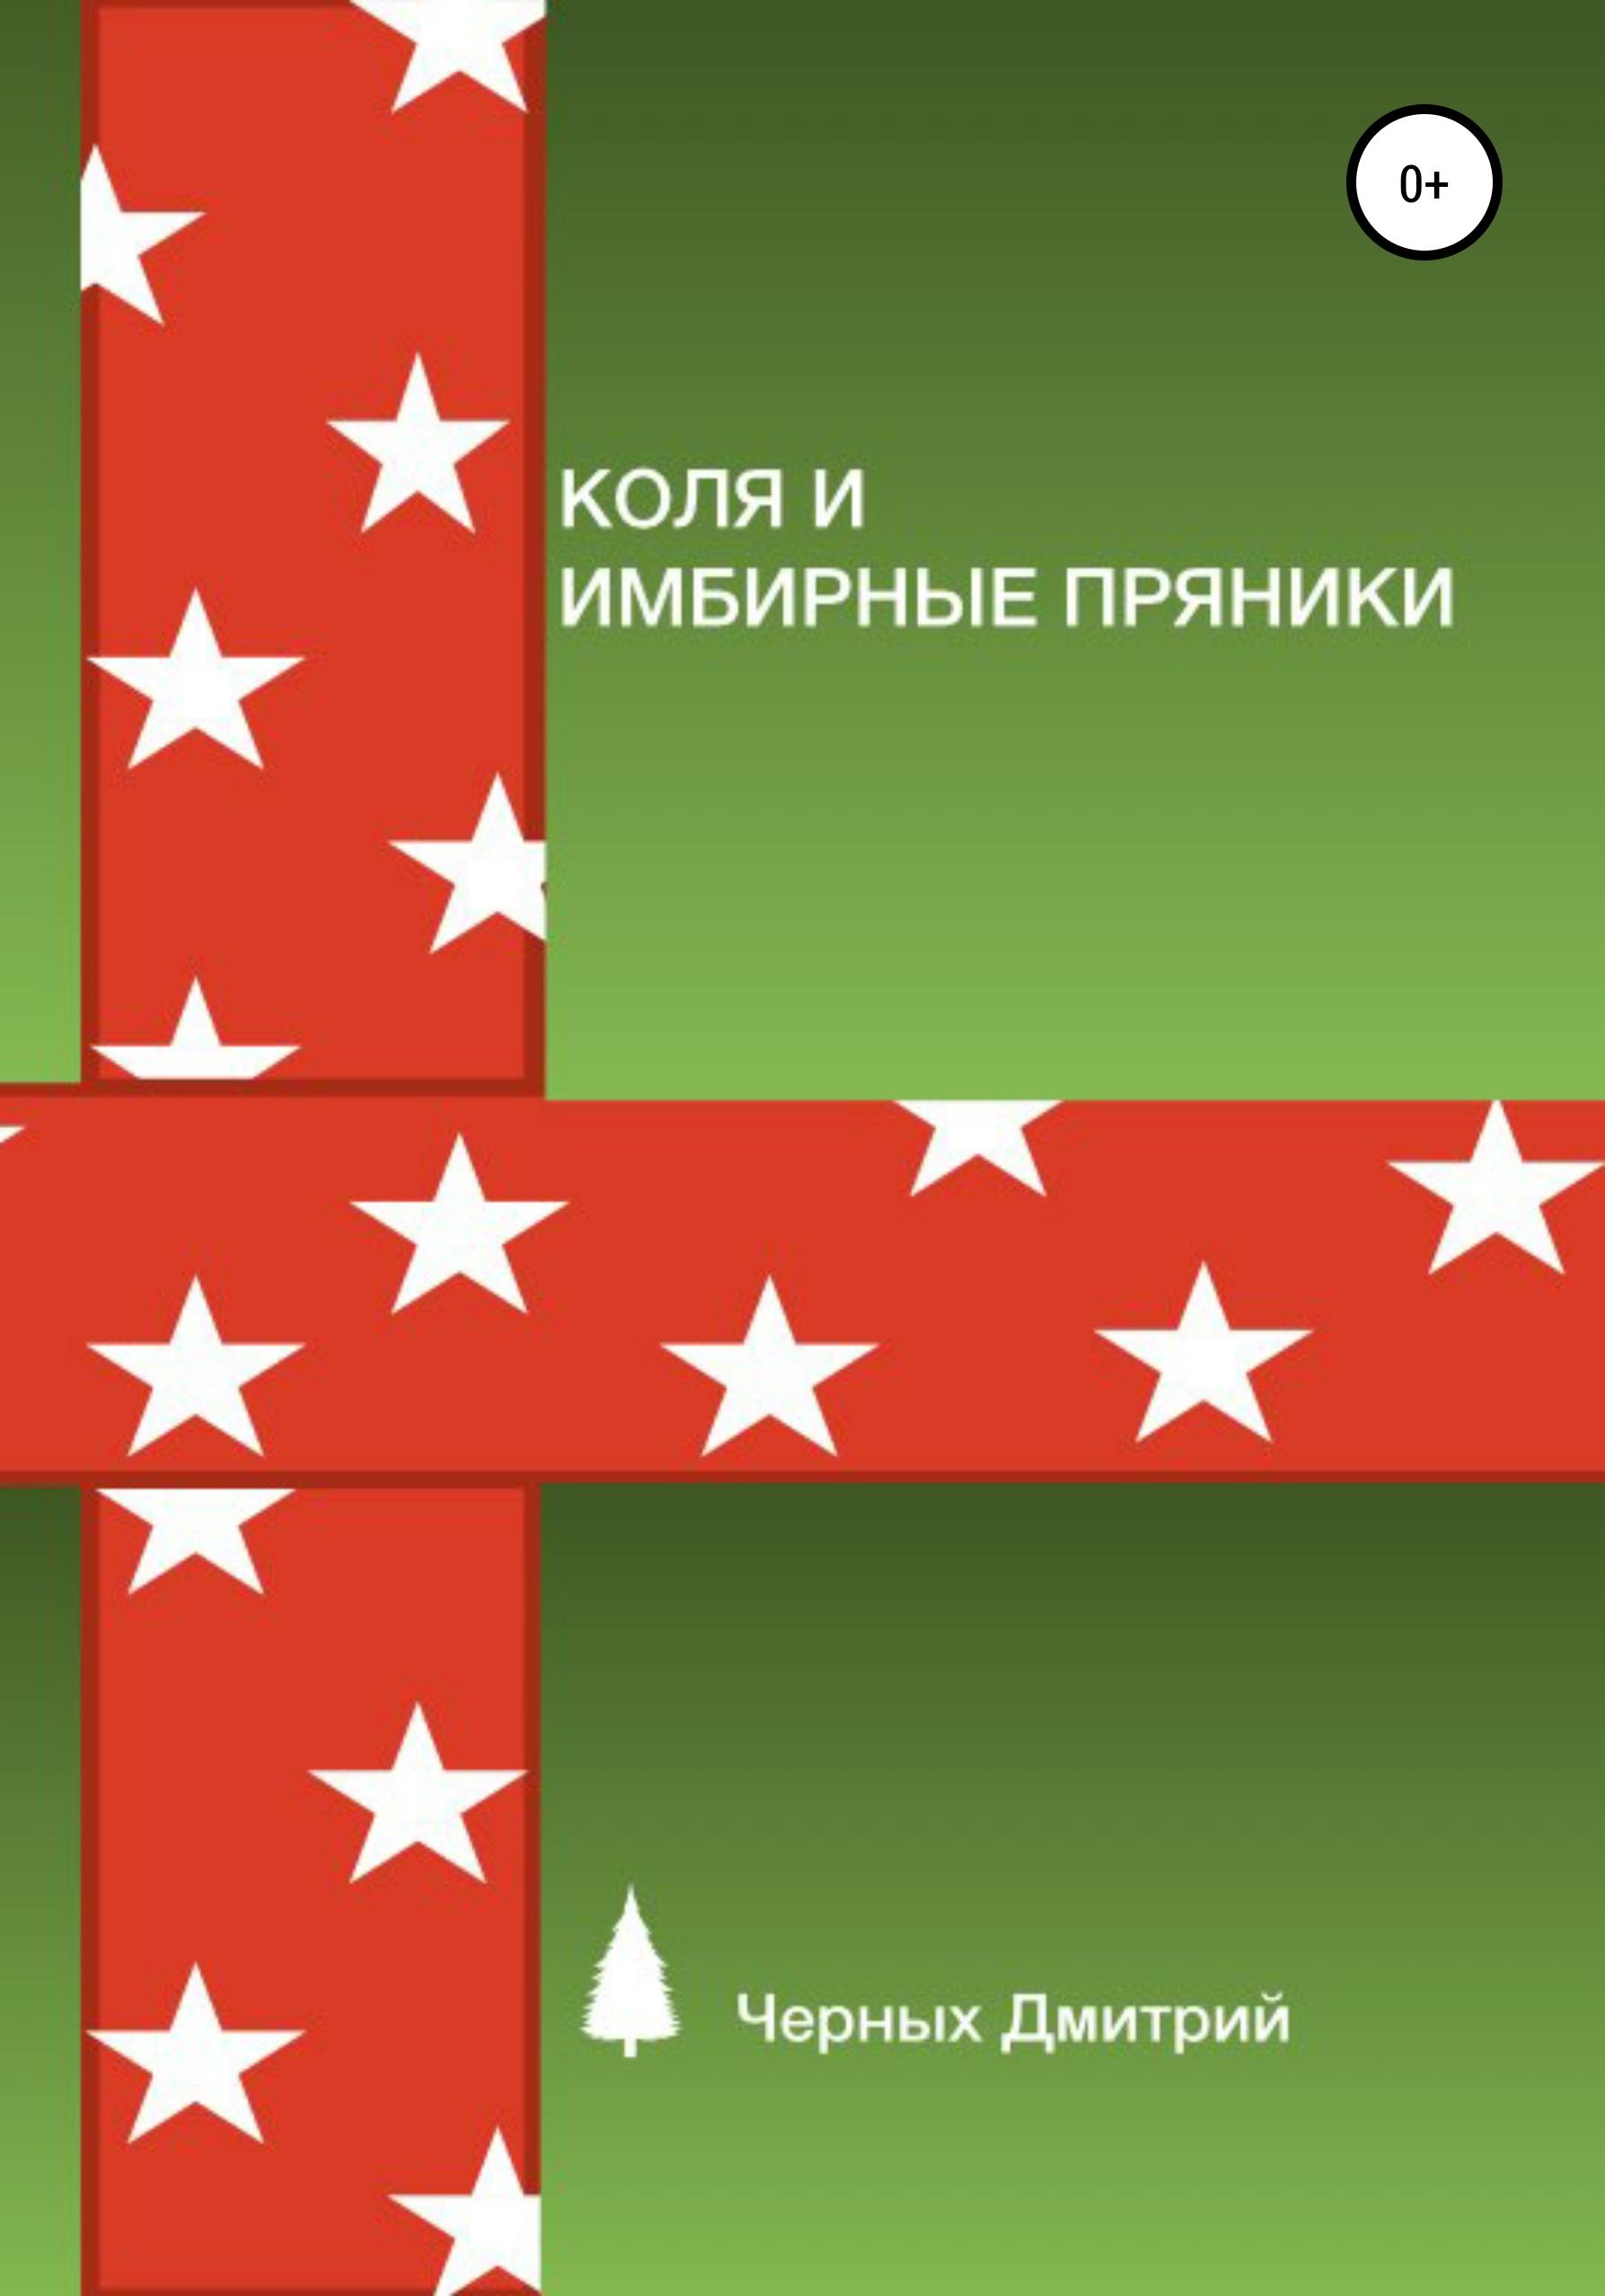 Купить книгу Коля и имбирные пряники, автора Дмитрия Черных